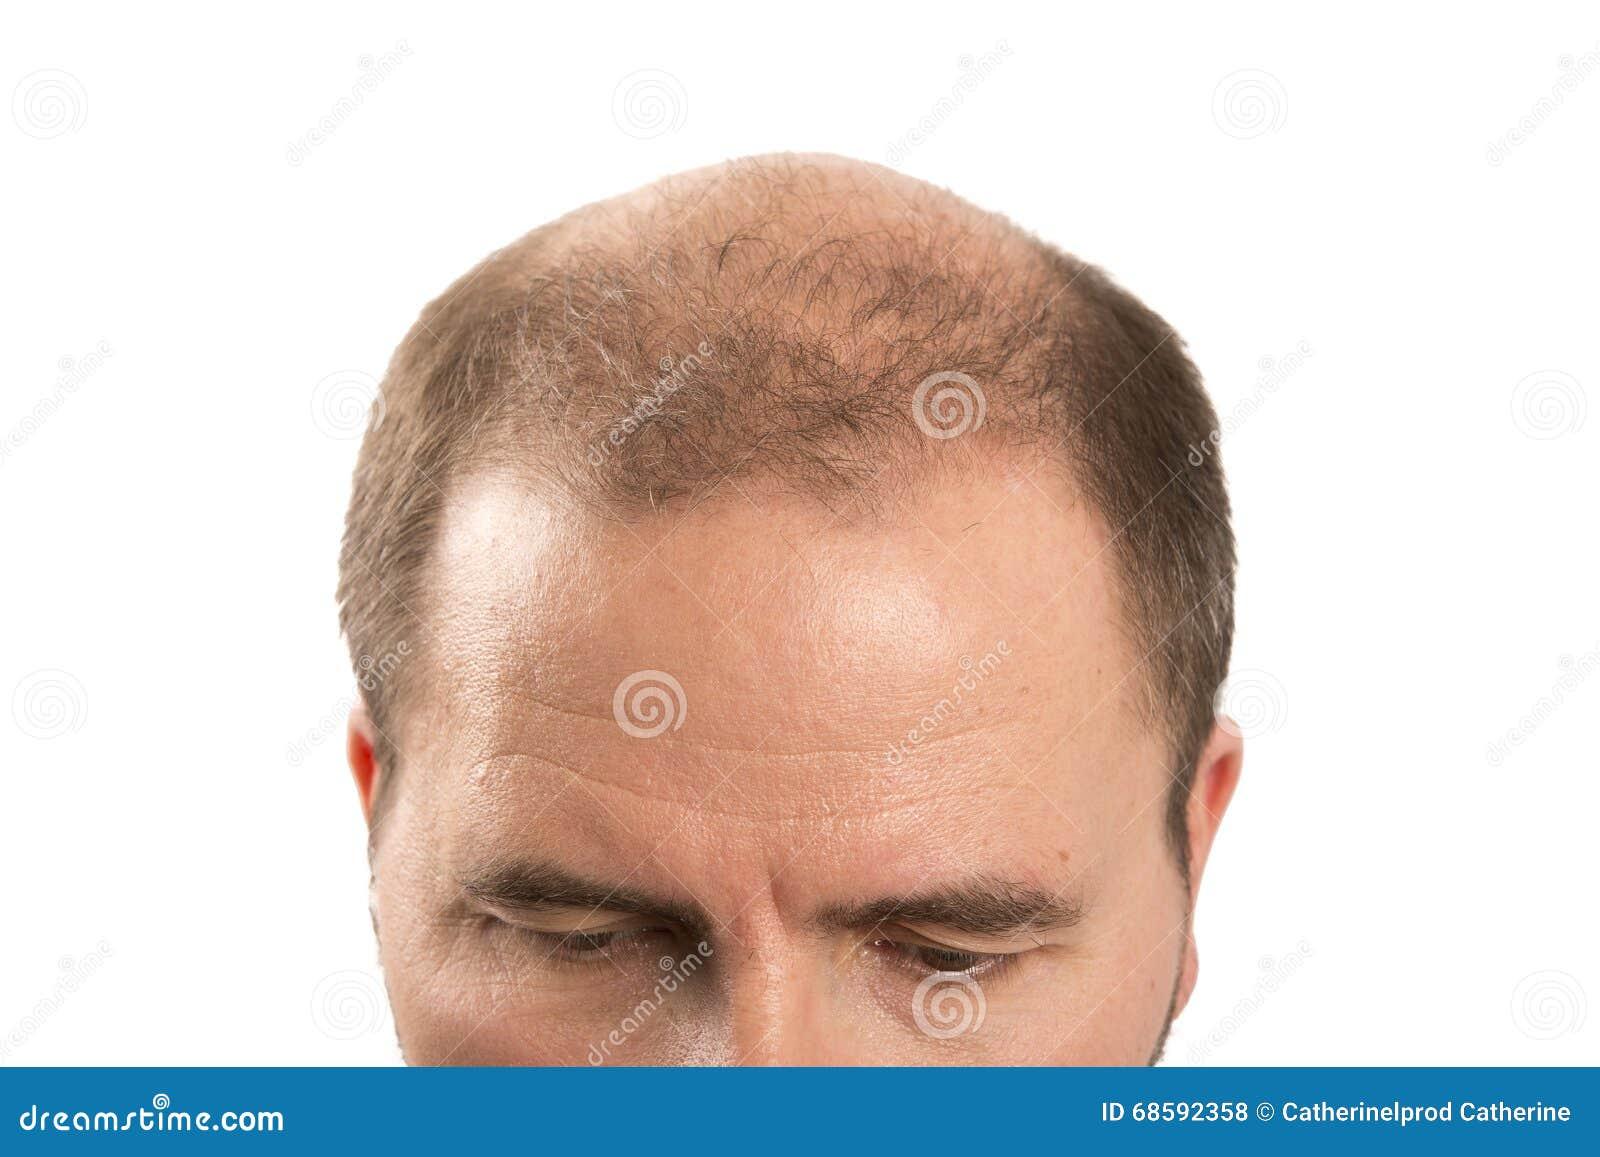 Baldness Alopecia Man Hair Loss Haircare Stock Photo Image Of Lost